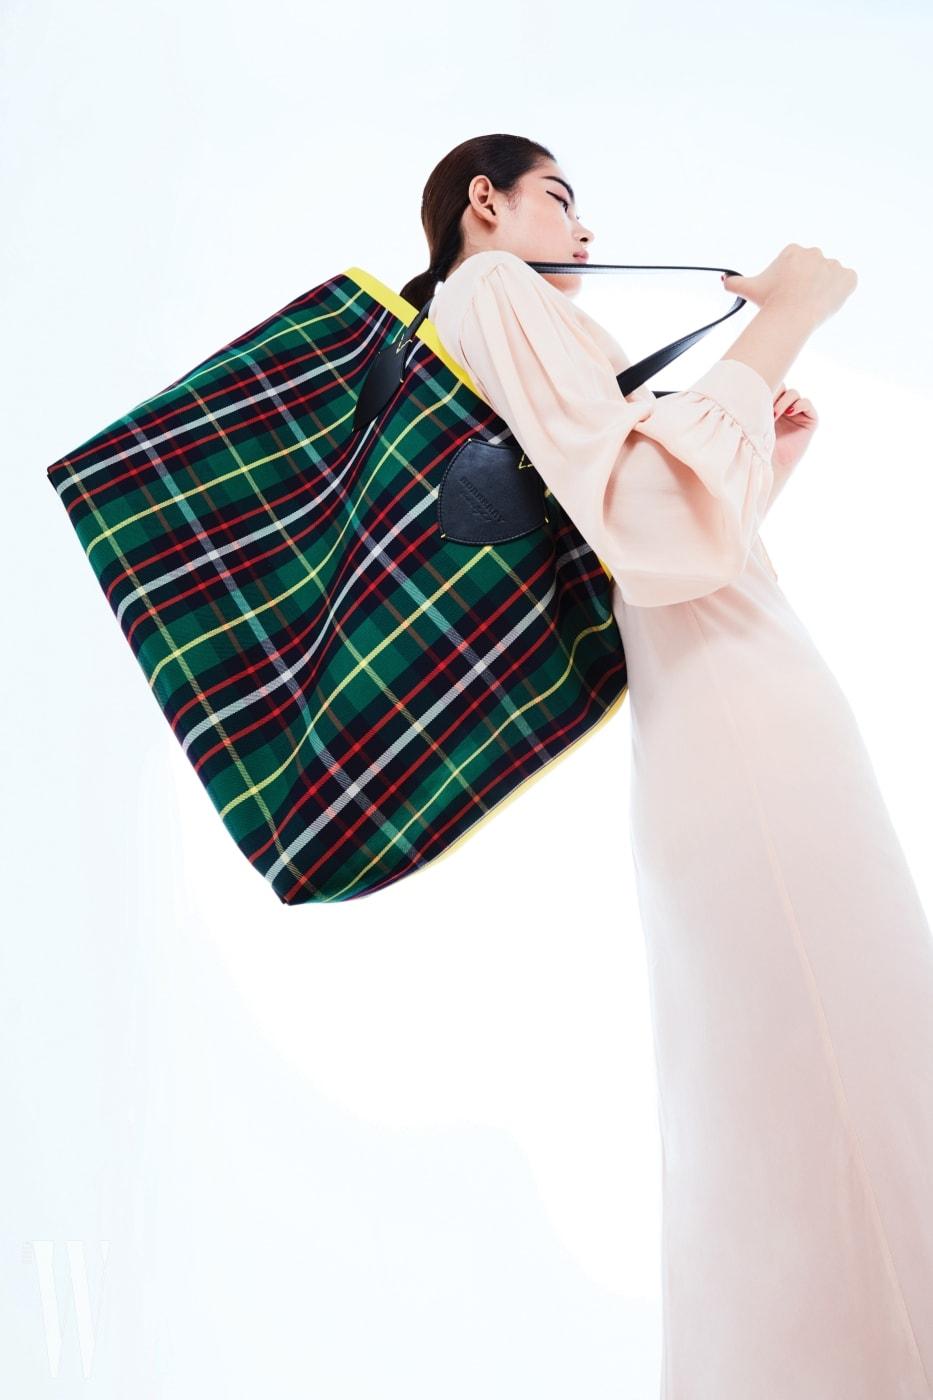 양면으로 사용할 수 있는 리버서블 타탄체크 백은 버버리 제품. 2백40만원. 살구색 드레스는 미우미우 제품. 가격 미정.